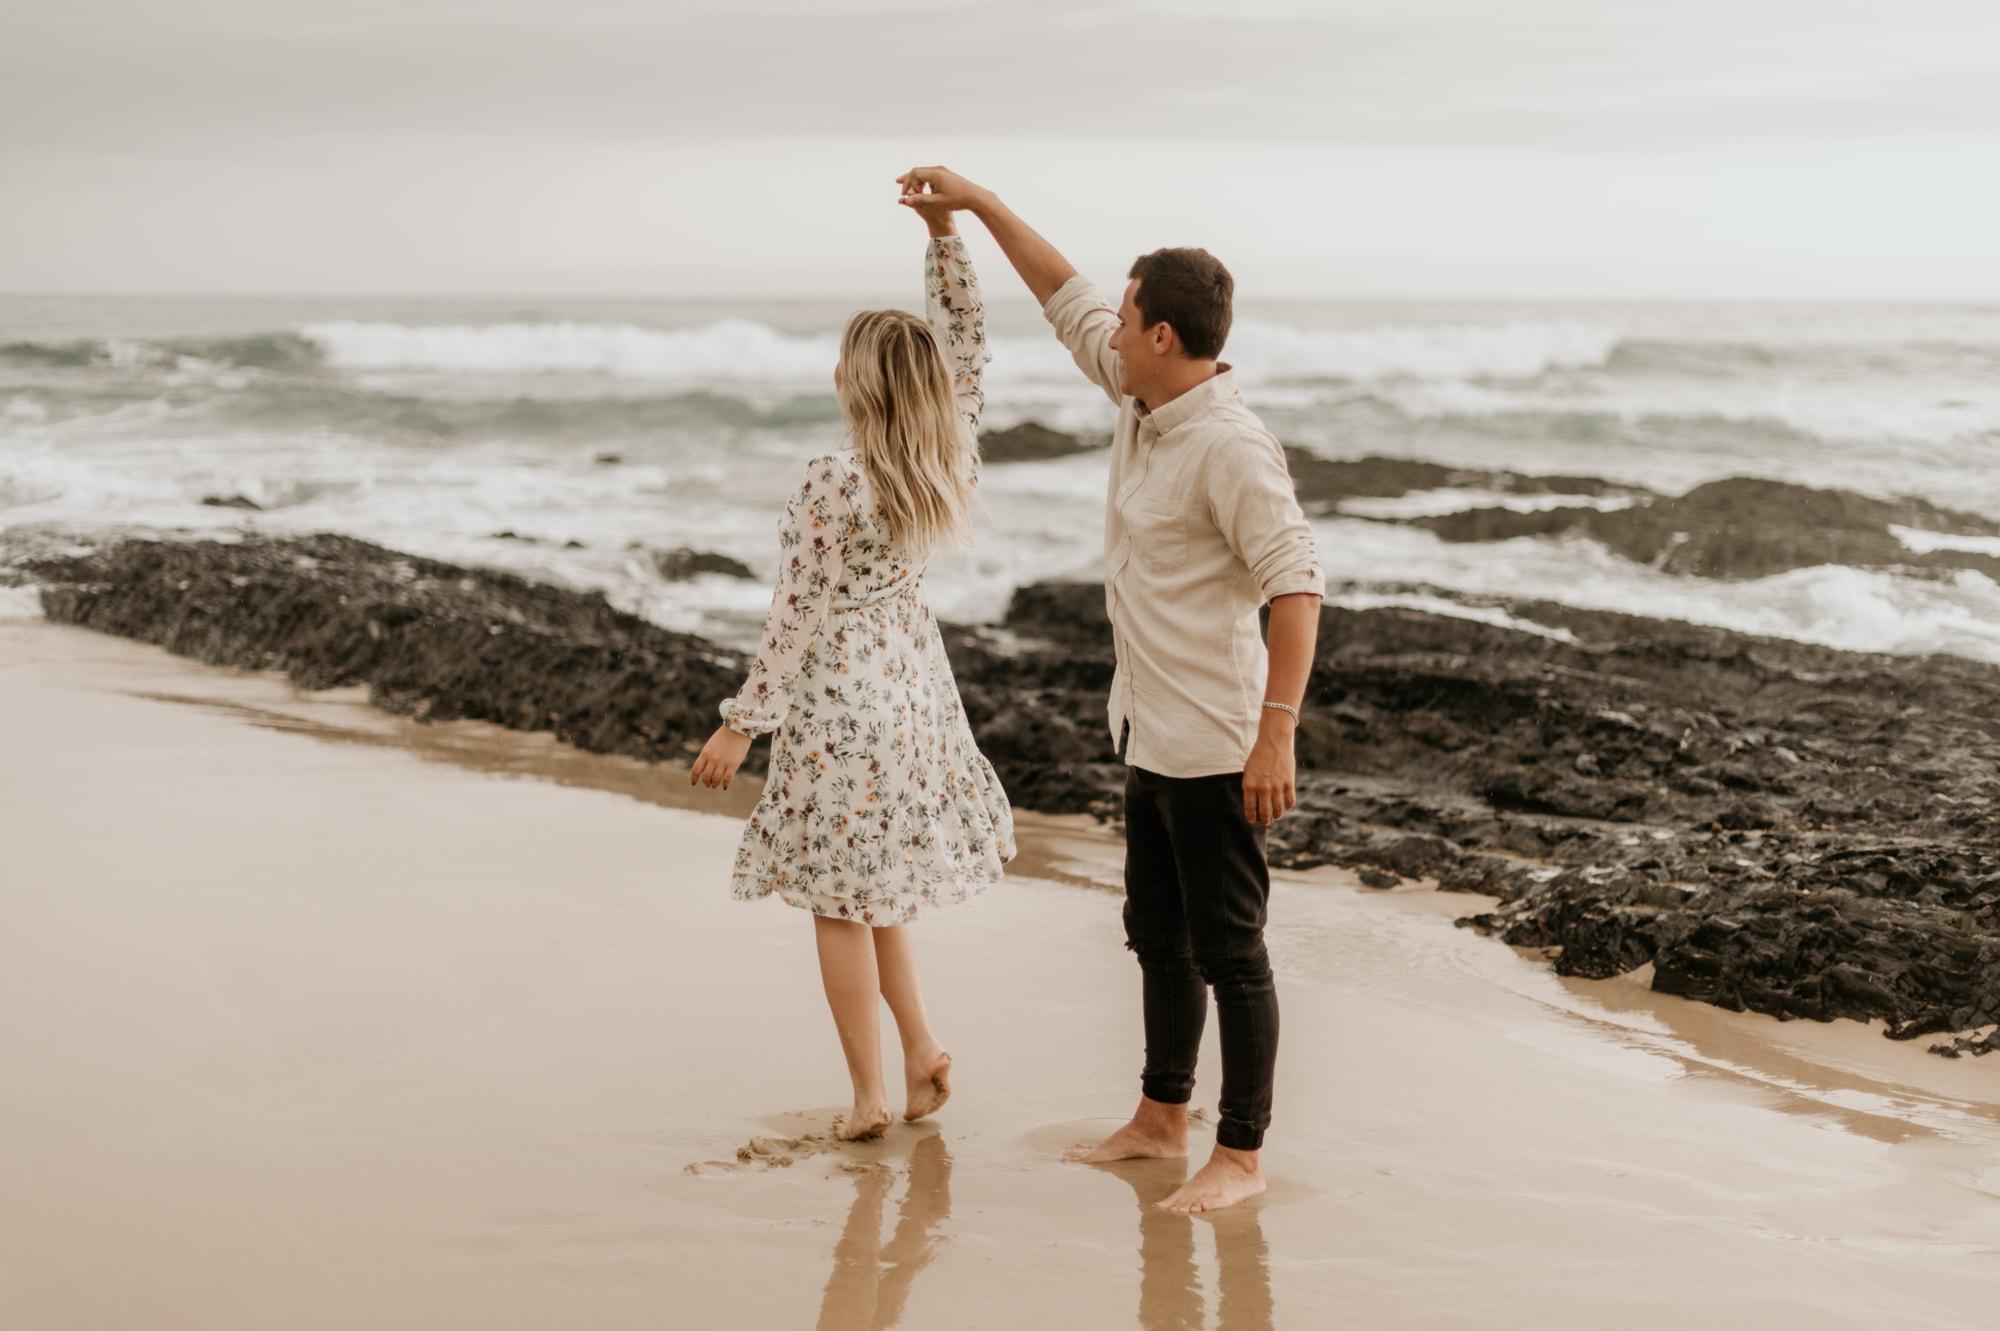 M+J-Couple-Session-June-Richards-Photography-Destination-Weddings-Elopements-Garden-Route-02_1